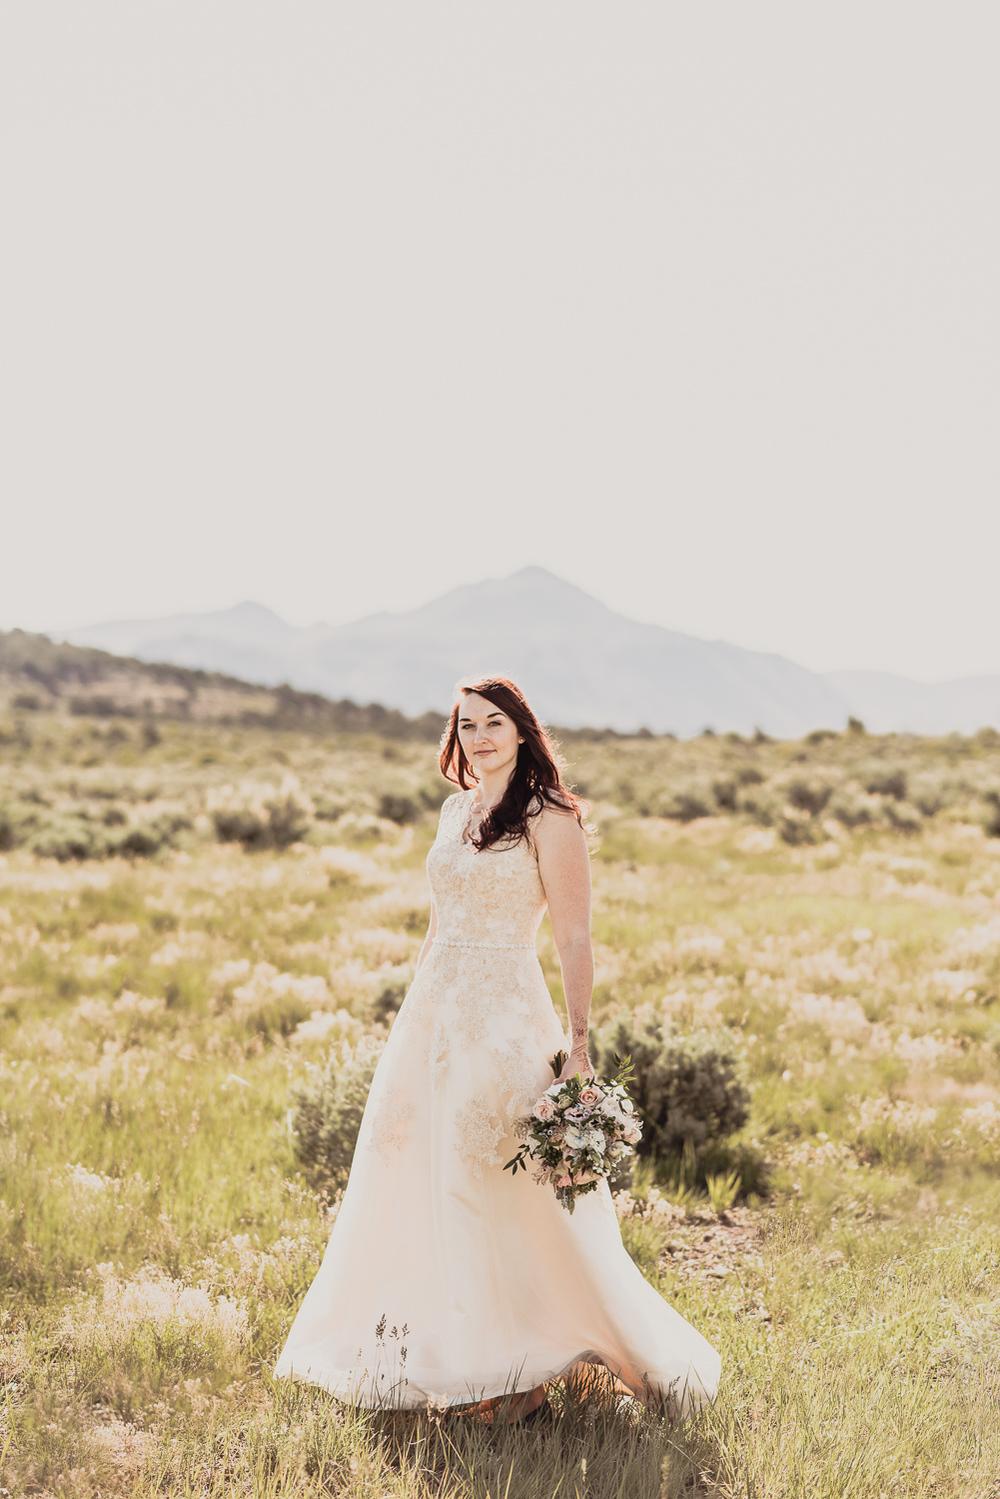 Isaiah+Taylor Photography